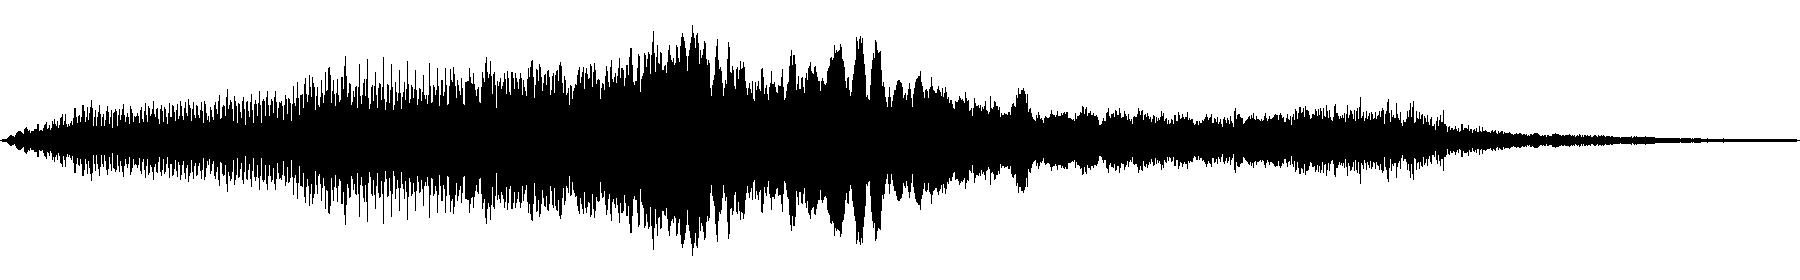 vfx1 atmos 29